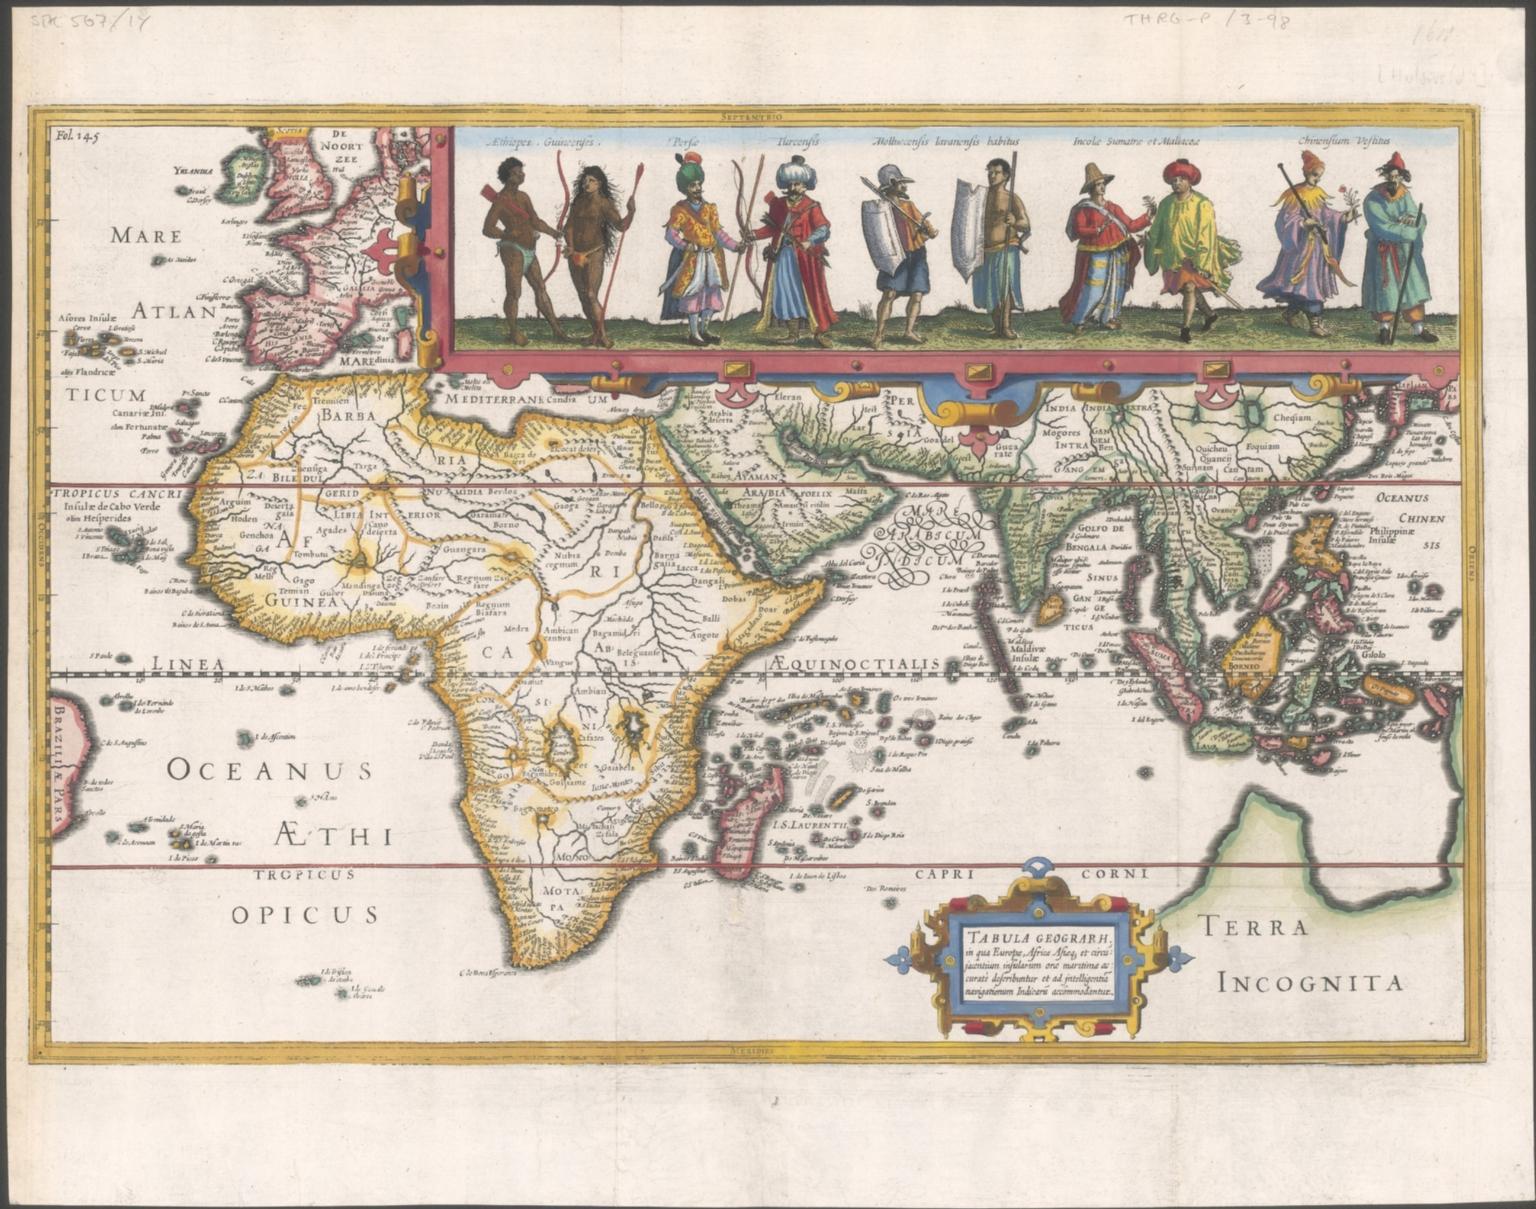 Tabula geograph in qua Europae, Africae, Asiaeque et circujacentium insularum orae maritimae accurate describuntur et ad jntelligentia navigationum Indicaru accommodantur